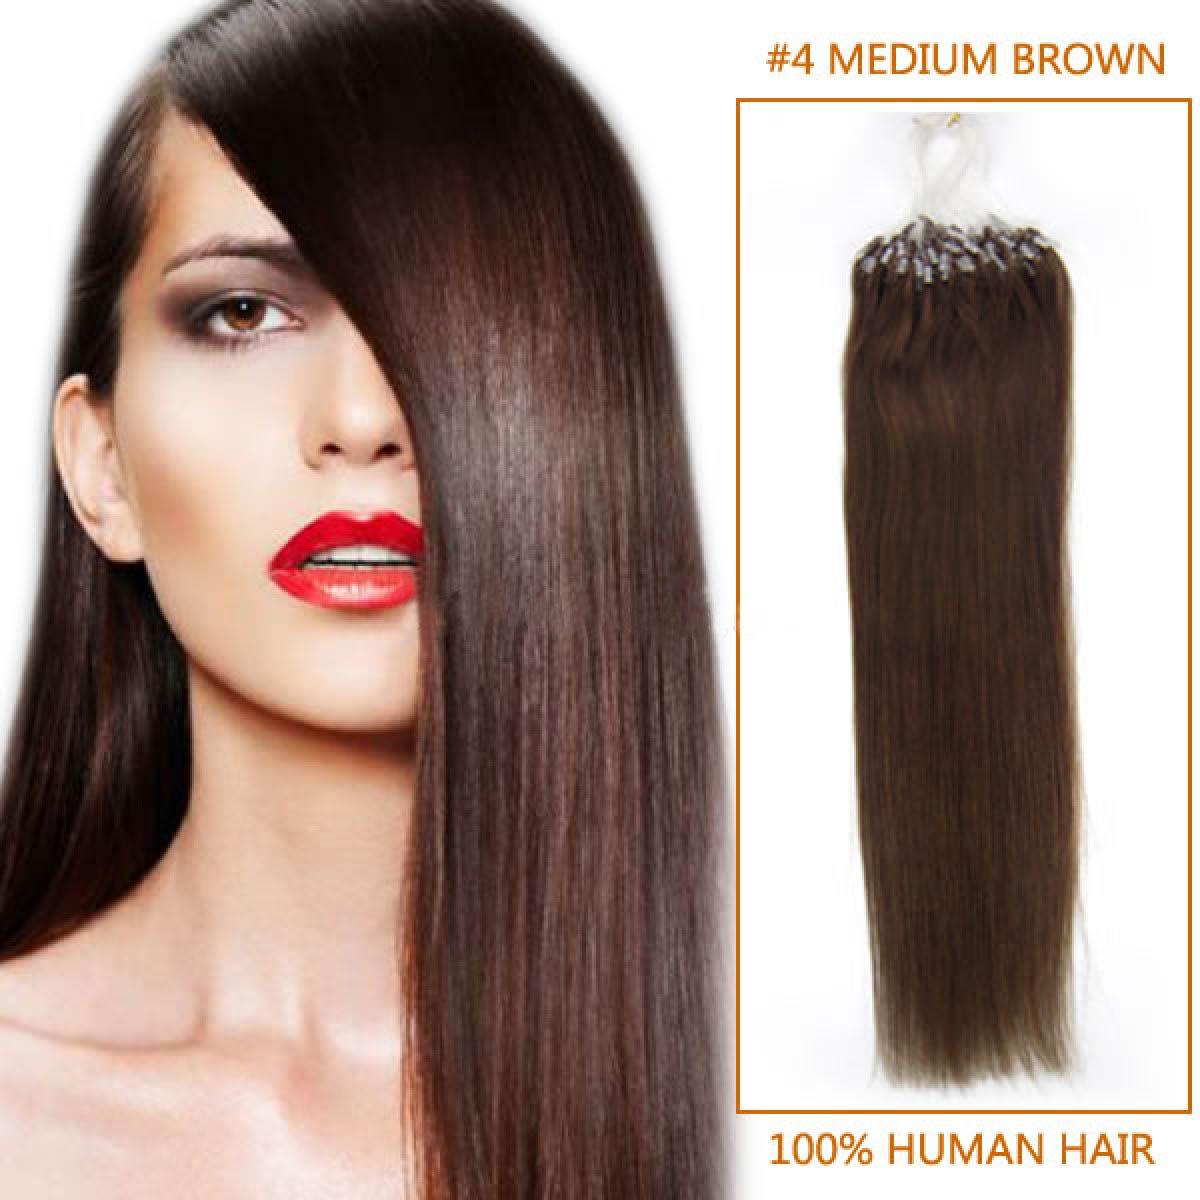 22 Inch 4 Medium Brown Micro Loop Human Hair Extensions 100s